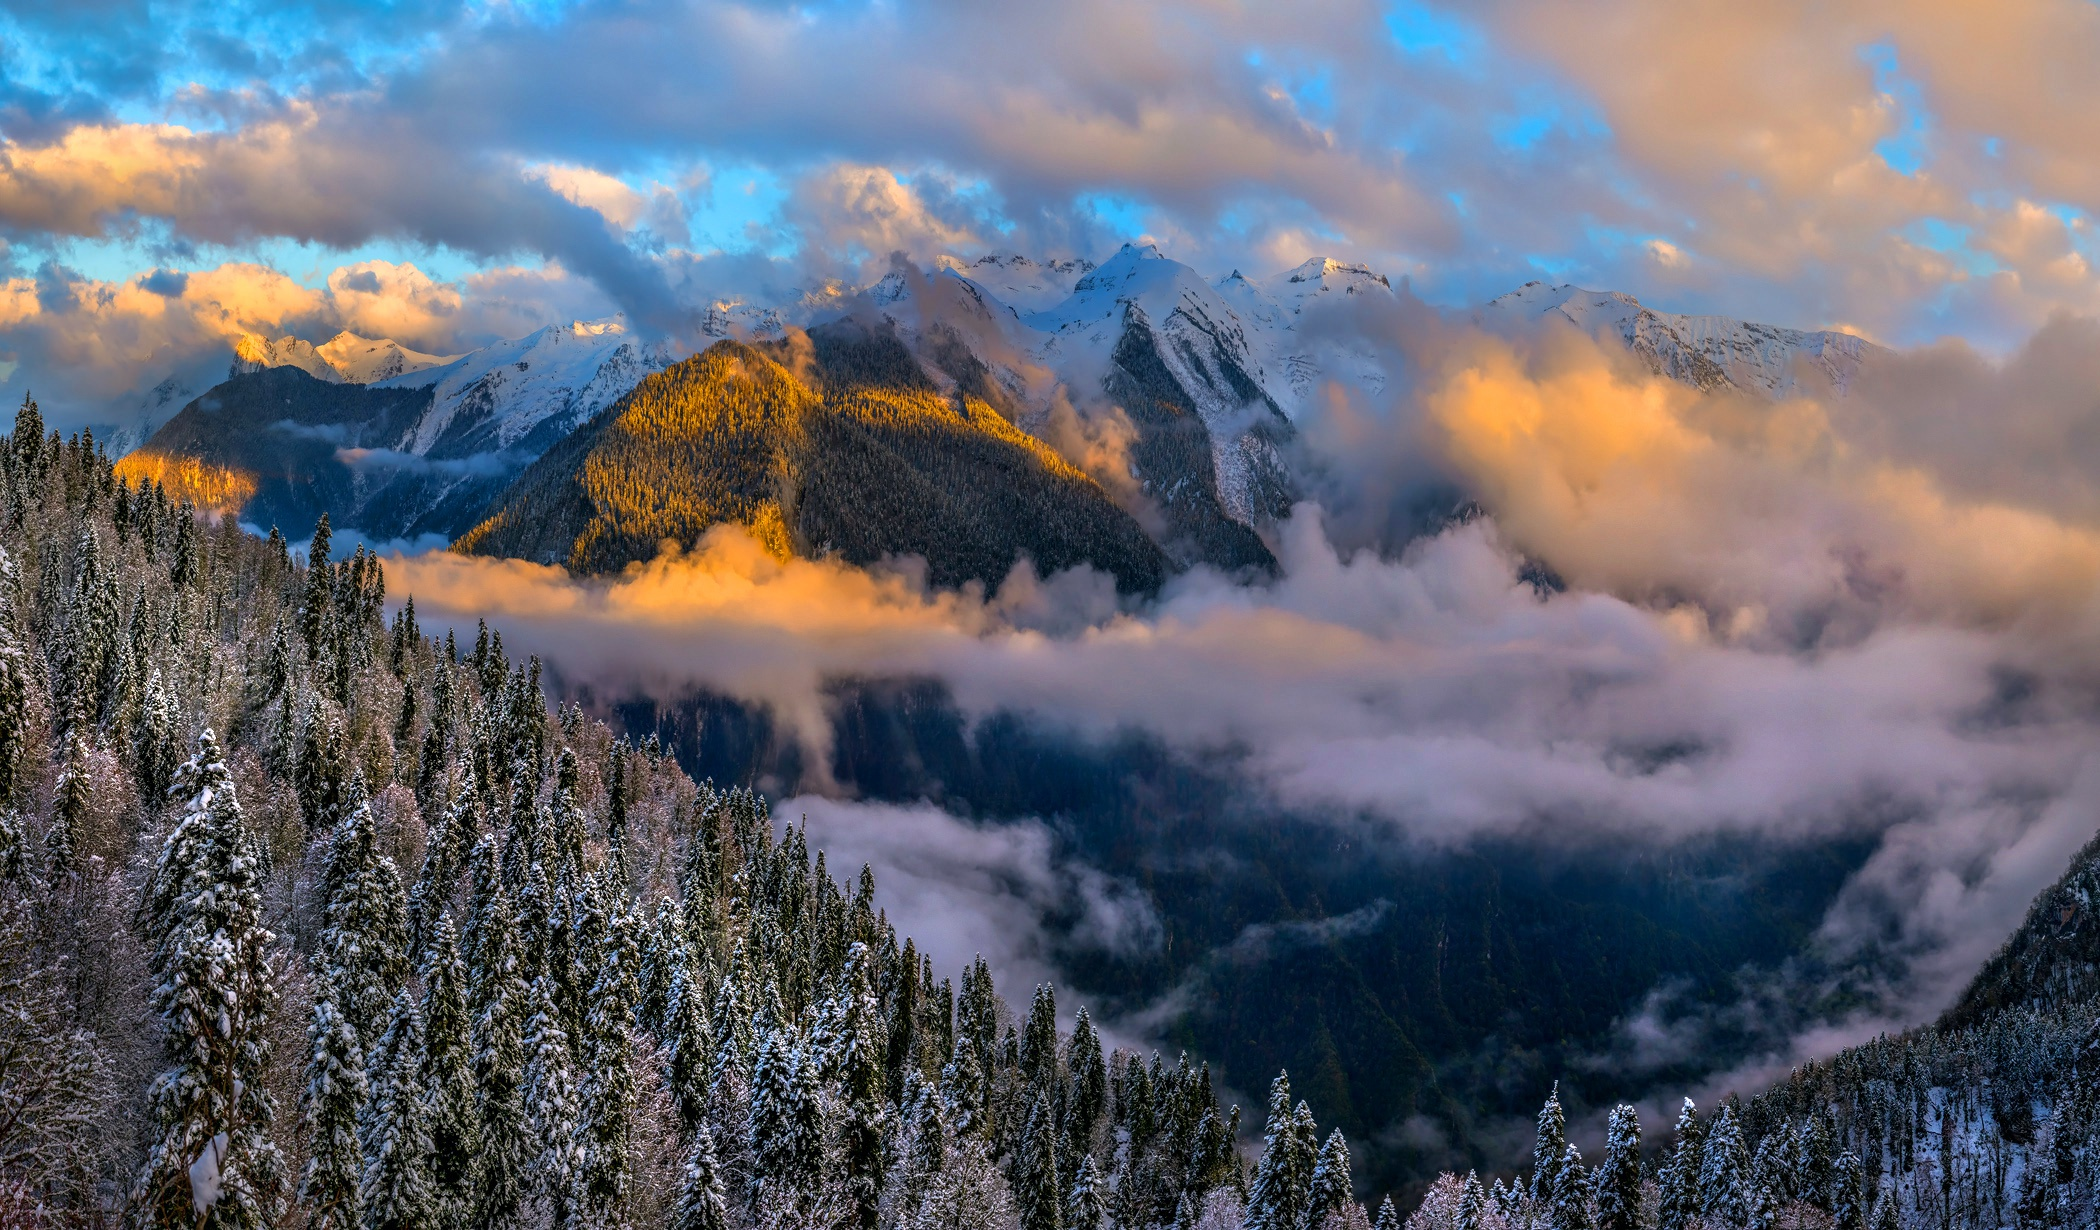 Winter Cloud Nature Landscape 2100x1230